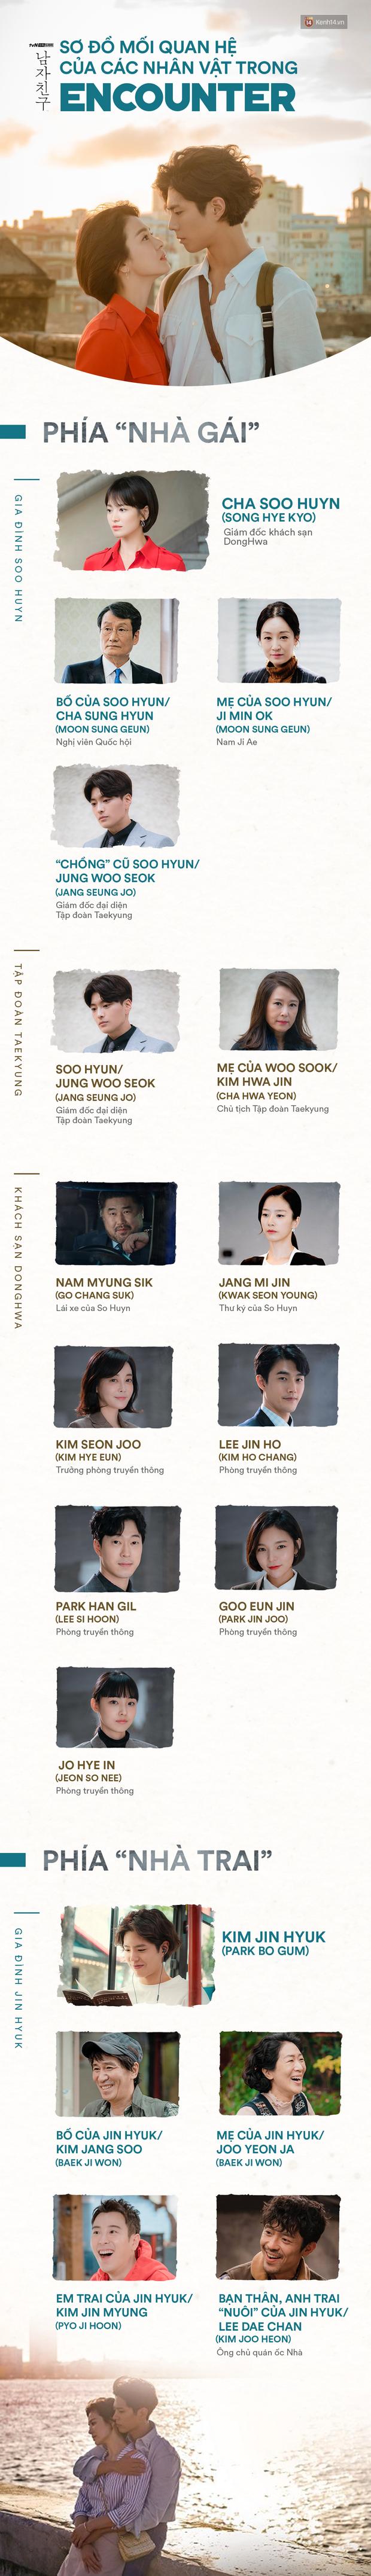 Cẩm nang bỏ túi của phim hot Encounter: Chẳng sợ lưới quan hệ rối rắm giữa Song Hye Kyo - Park Bo Gum nữa! - Ảnh 3.